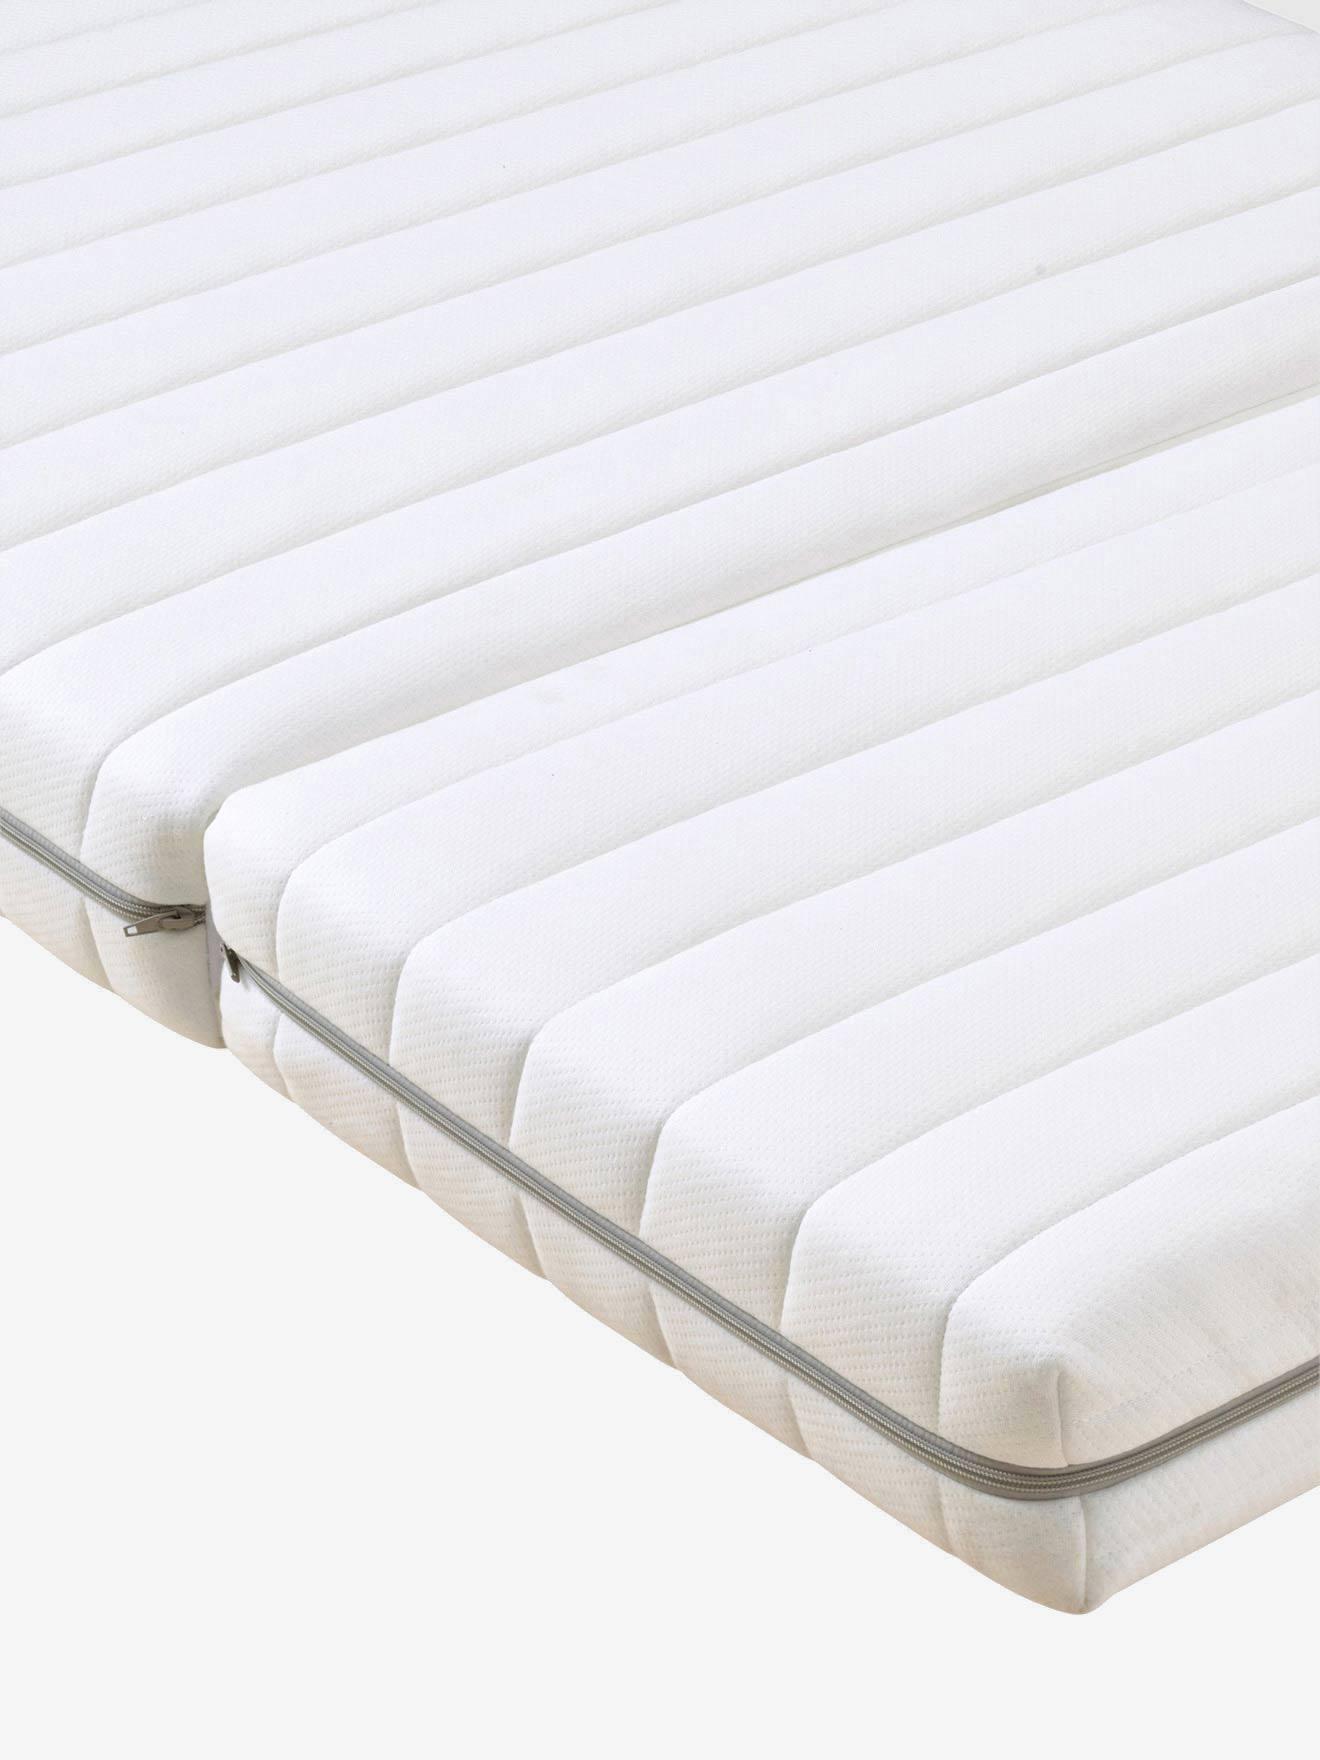 matratzen fr fan matratzen schn welche matratze fr stunning cheap matratze softcare with. Black Bedroom Furniture Sets. Home Design Ideas